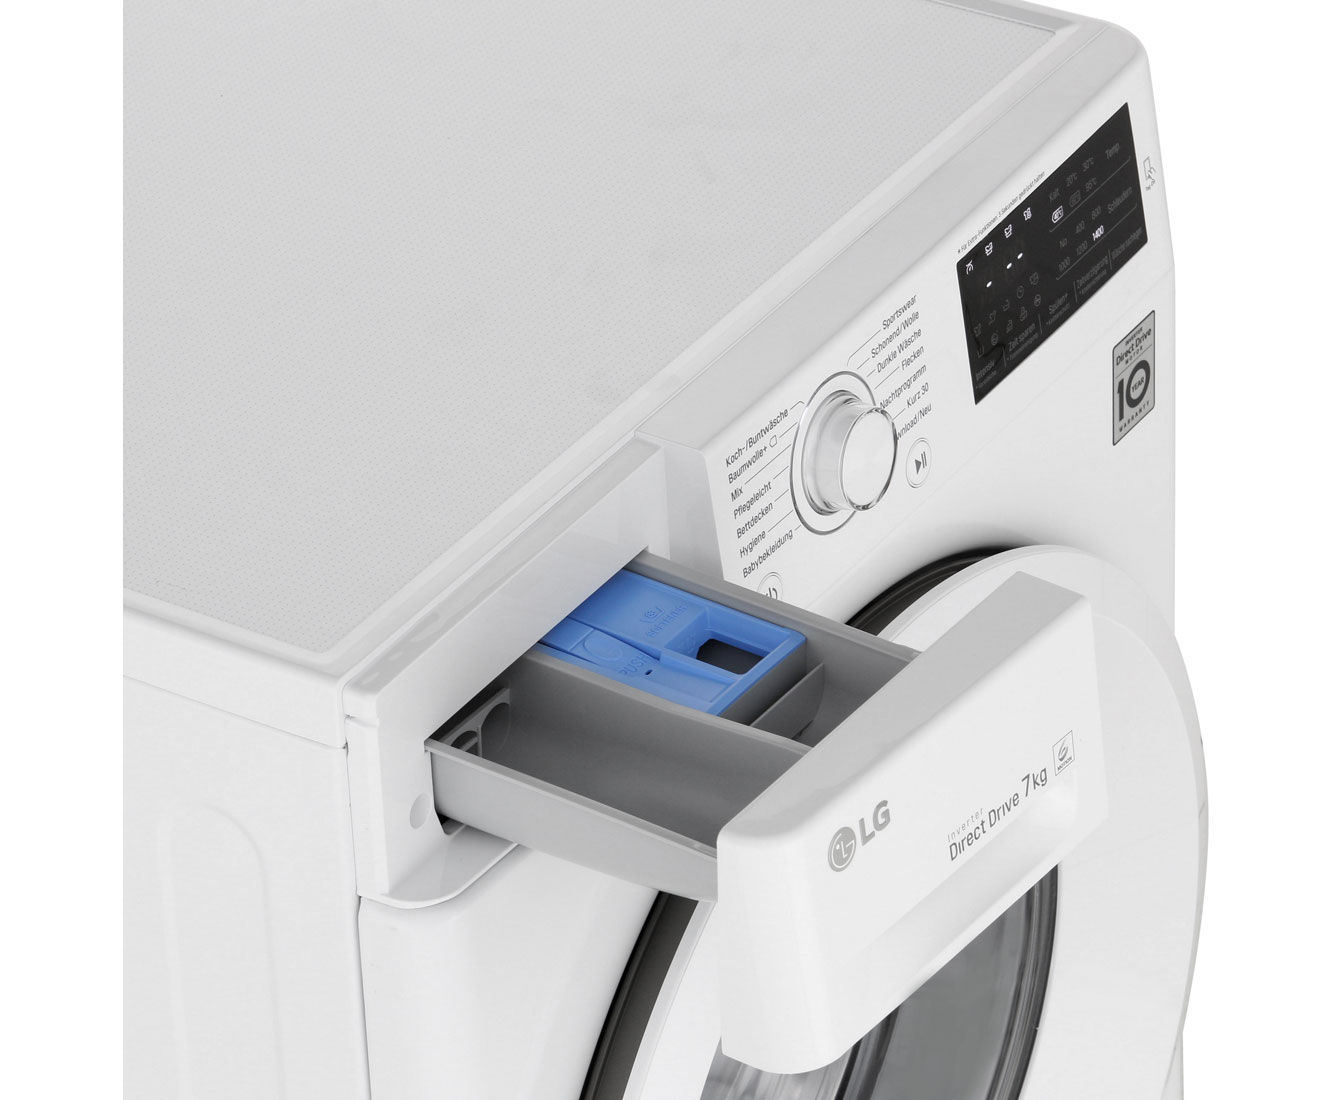 Lg F 14Wm 7Ln0 Waschmaschine 7 Kg, 1400 U/Min, A+++